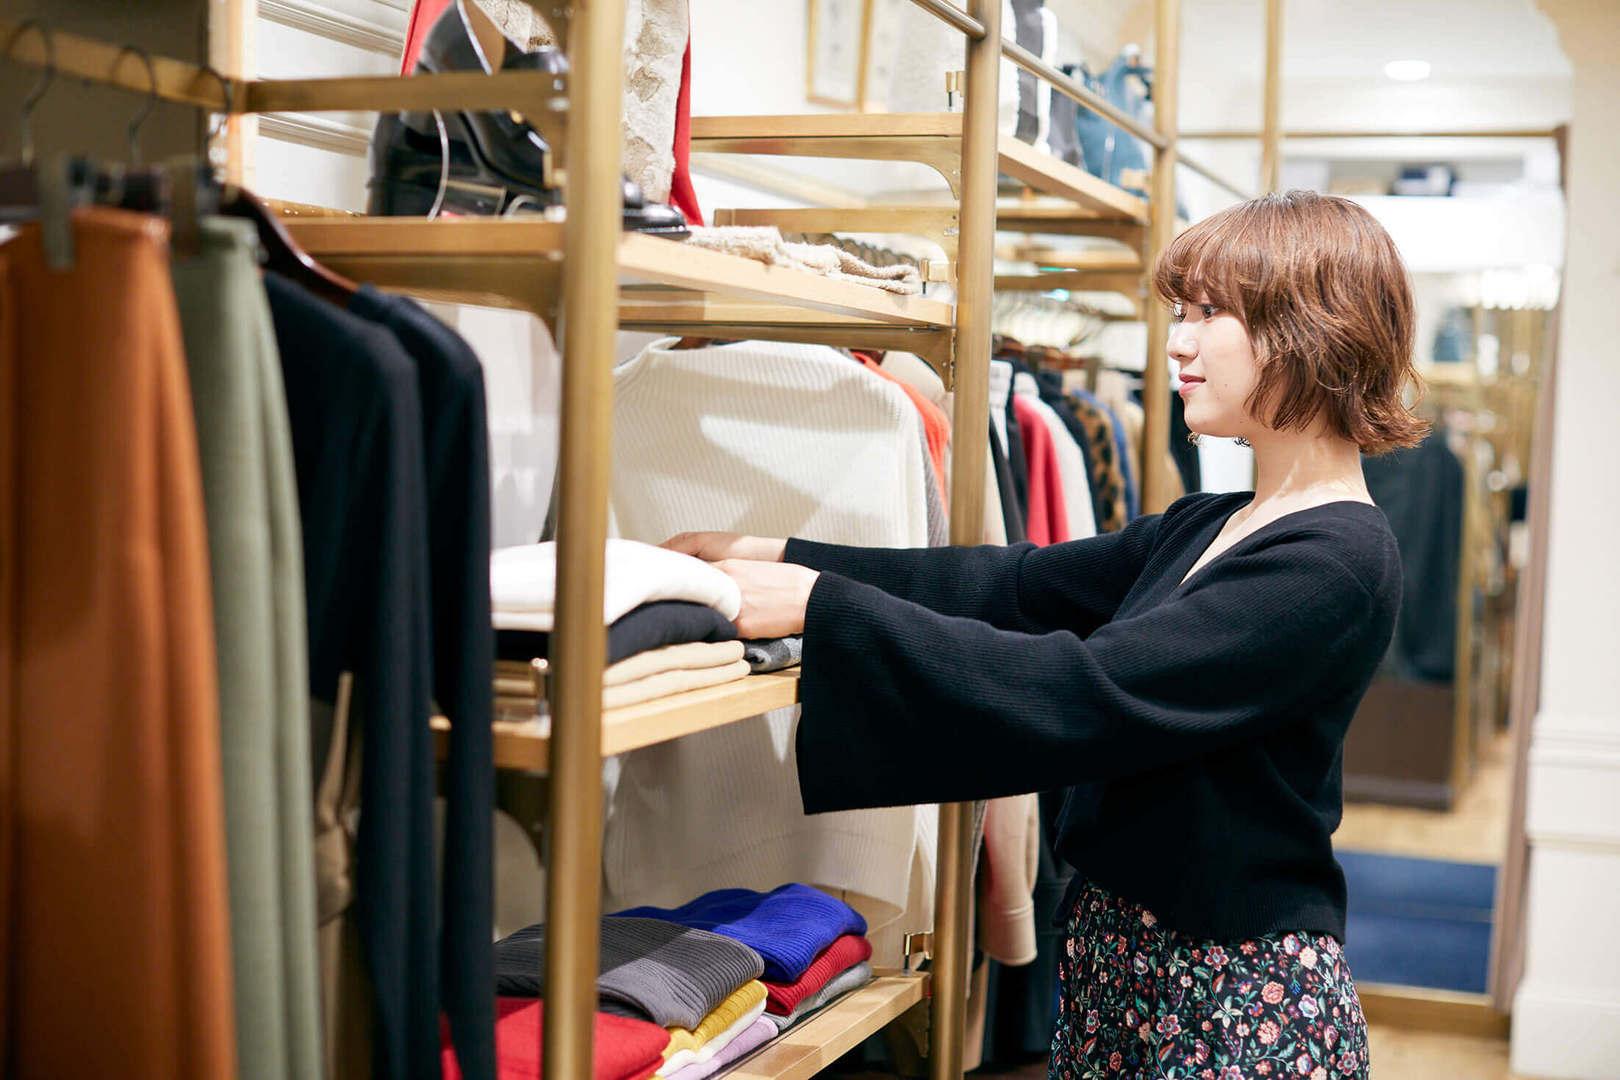 ★和歌山★自分らしさを大切にした接客スタイルで働けるファッションアドバイザー募集のカバー写真